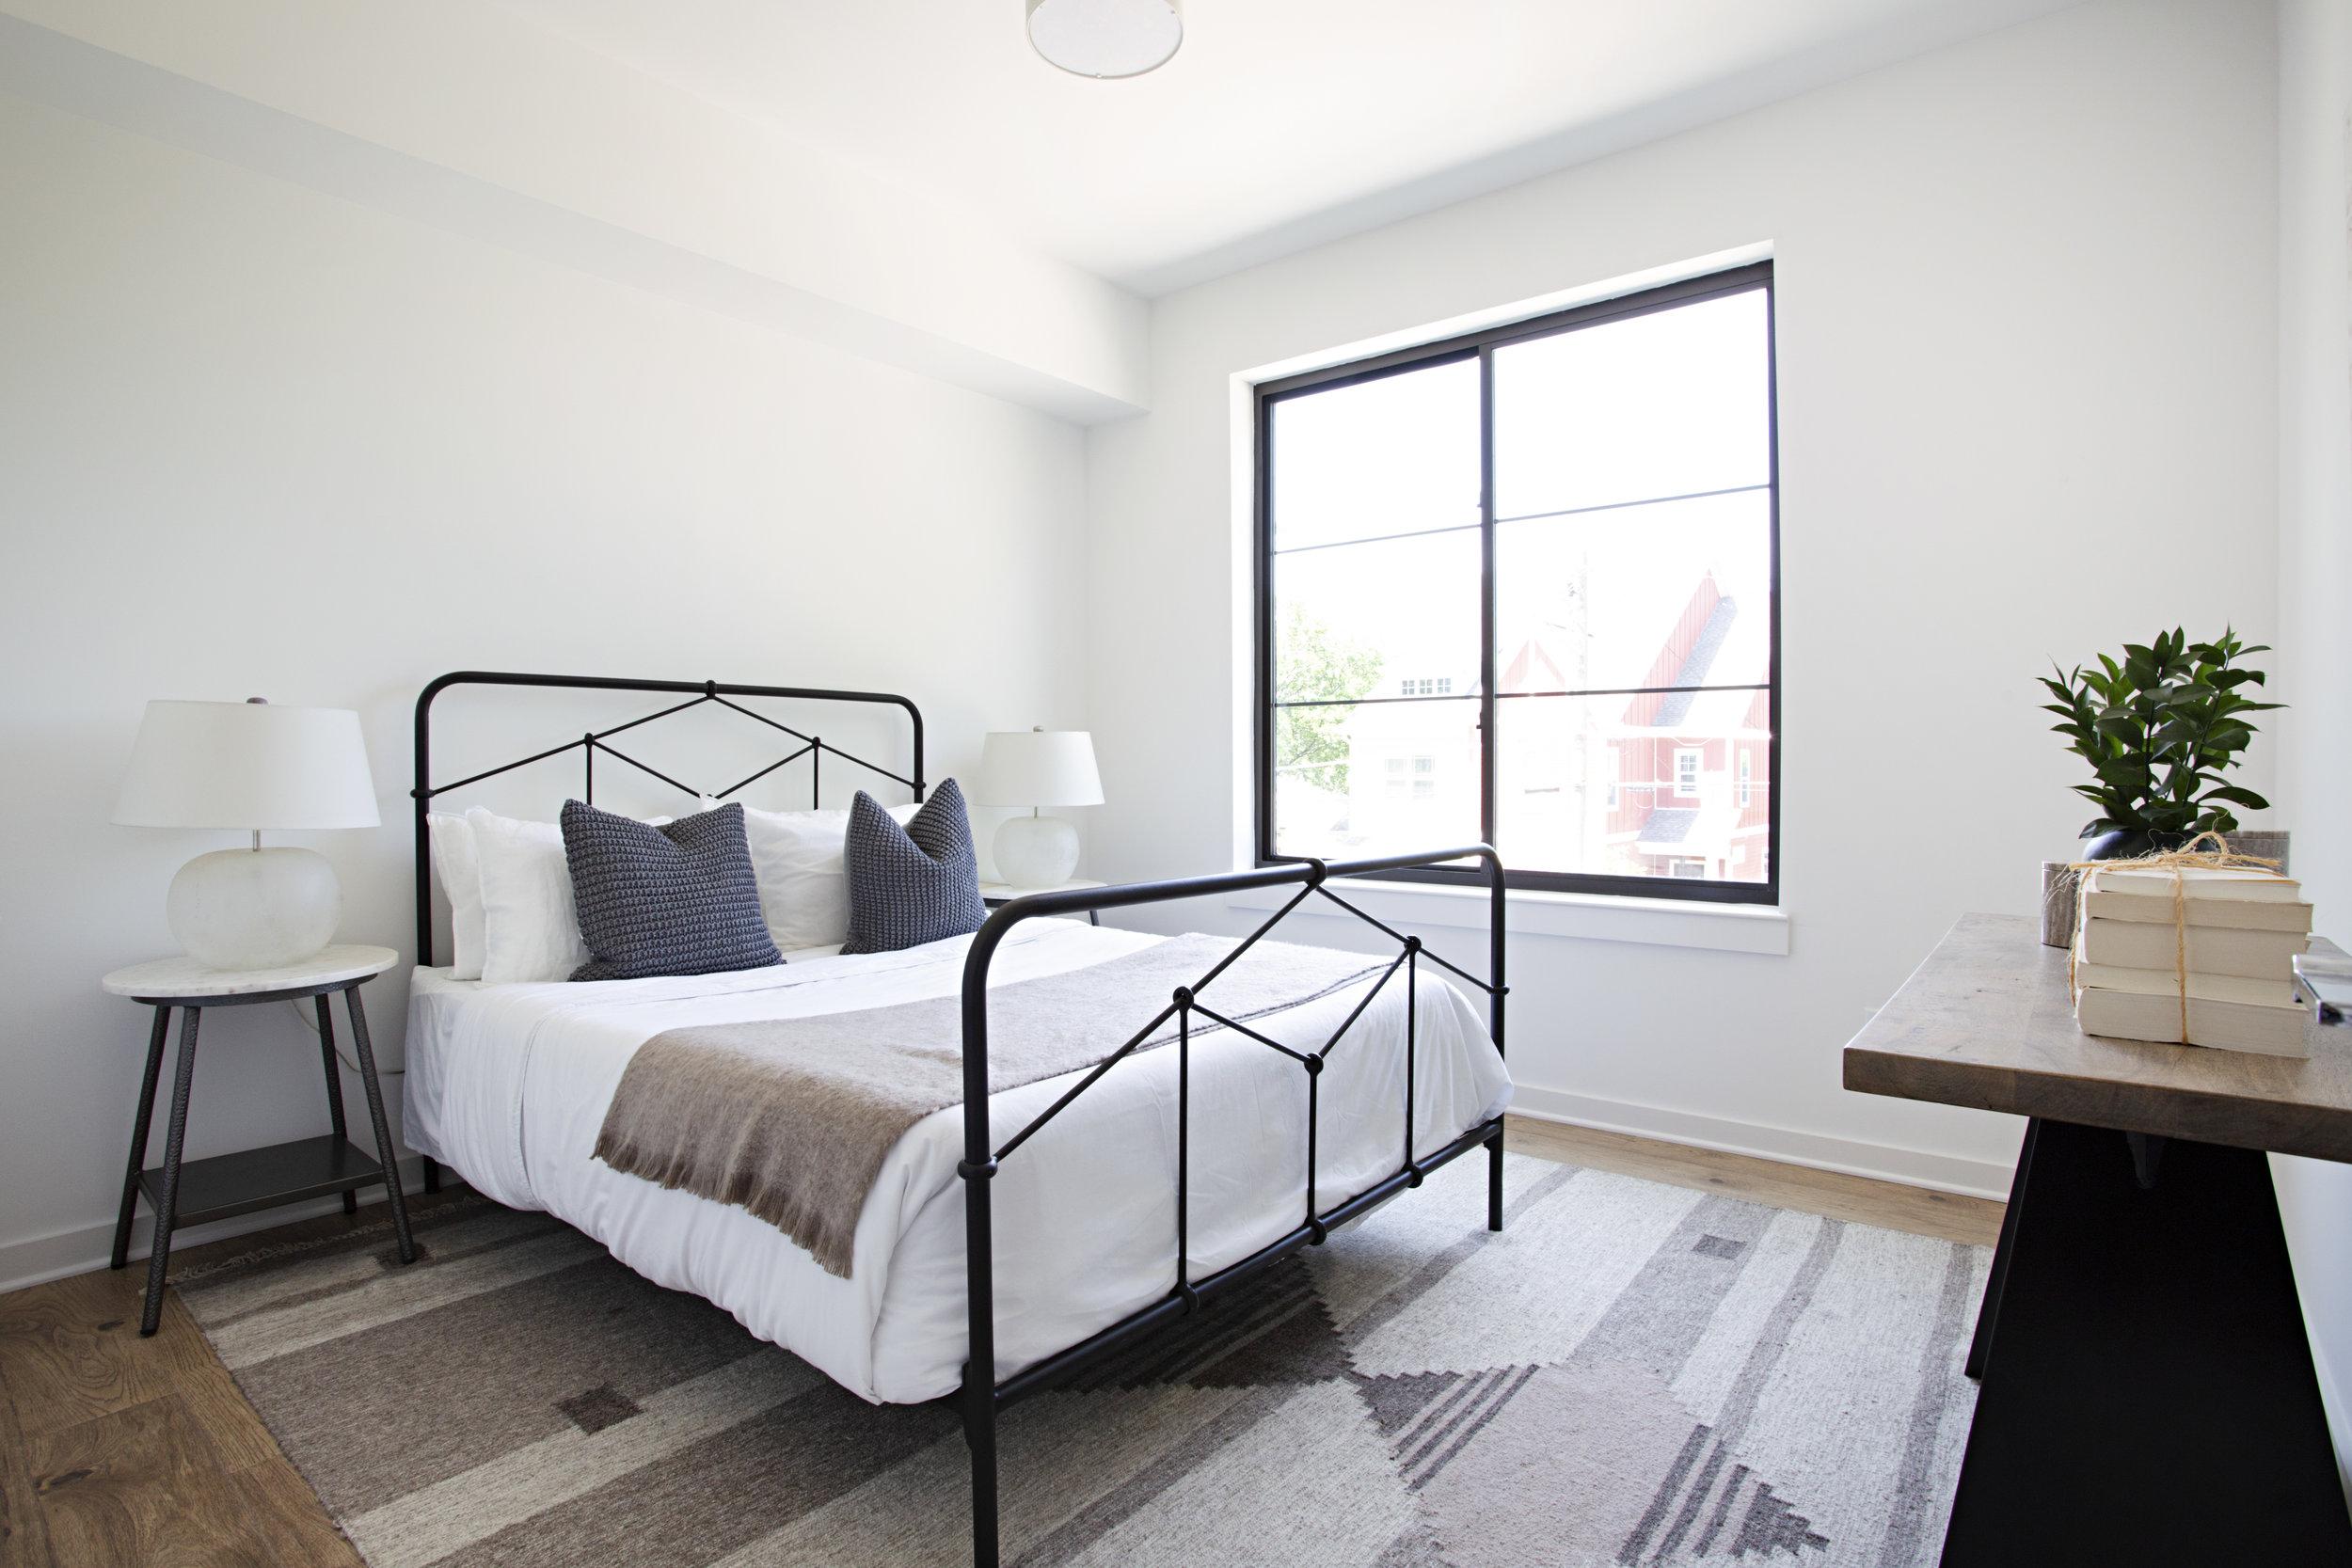 36-mayker-creative-interiors-1404-pillow.jpg